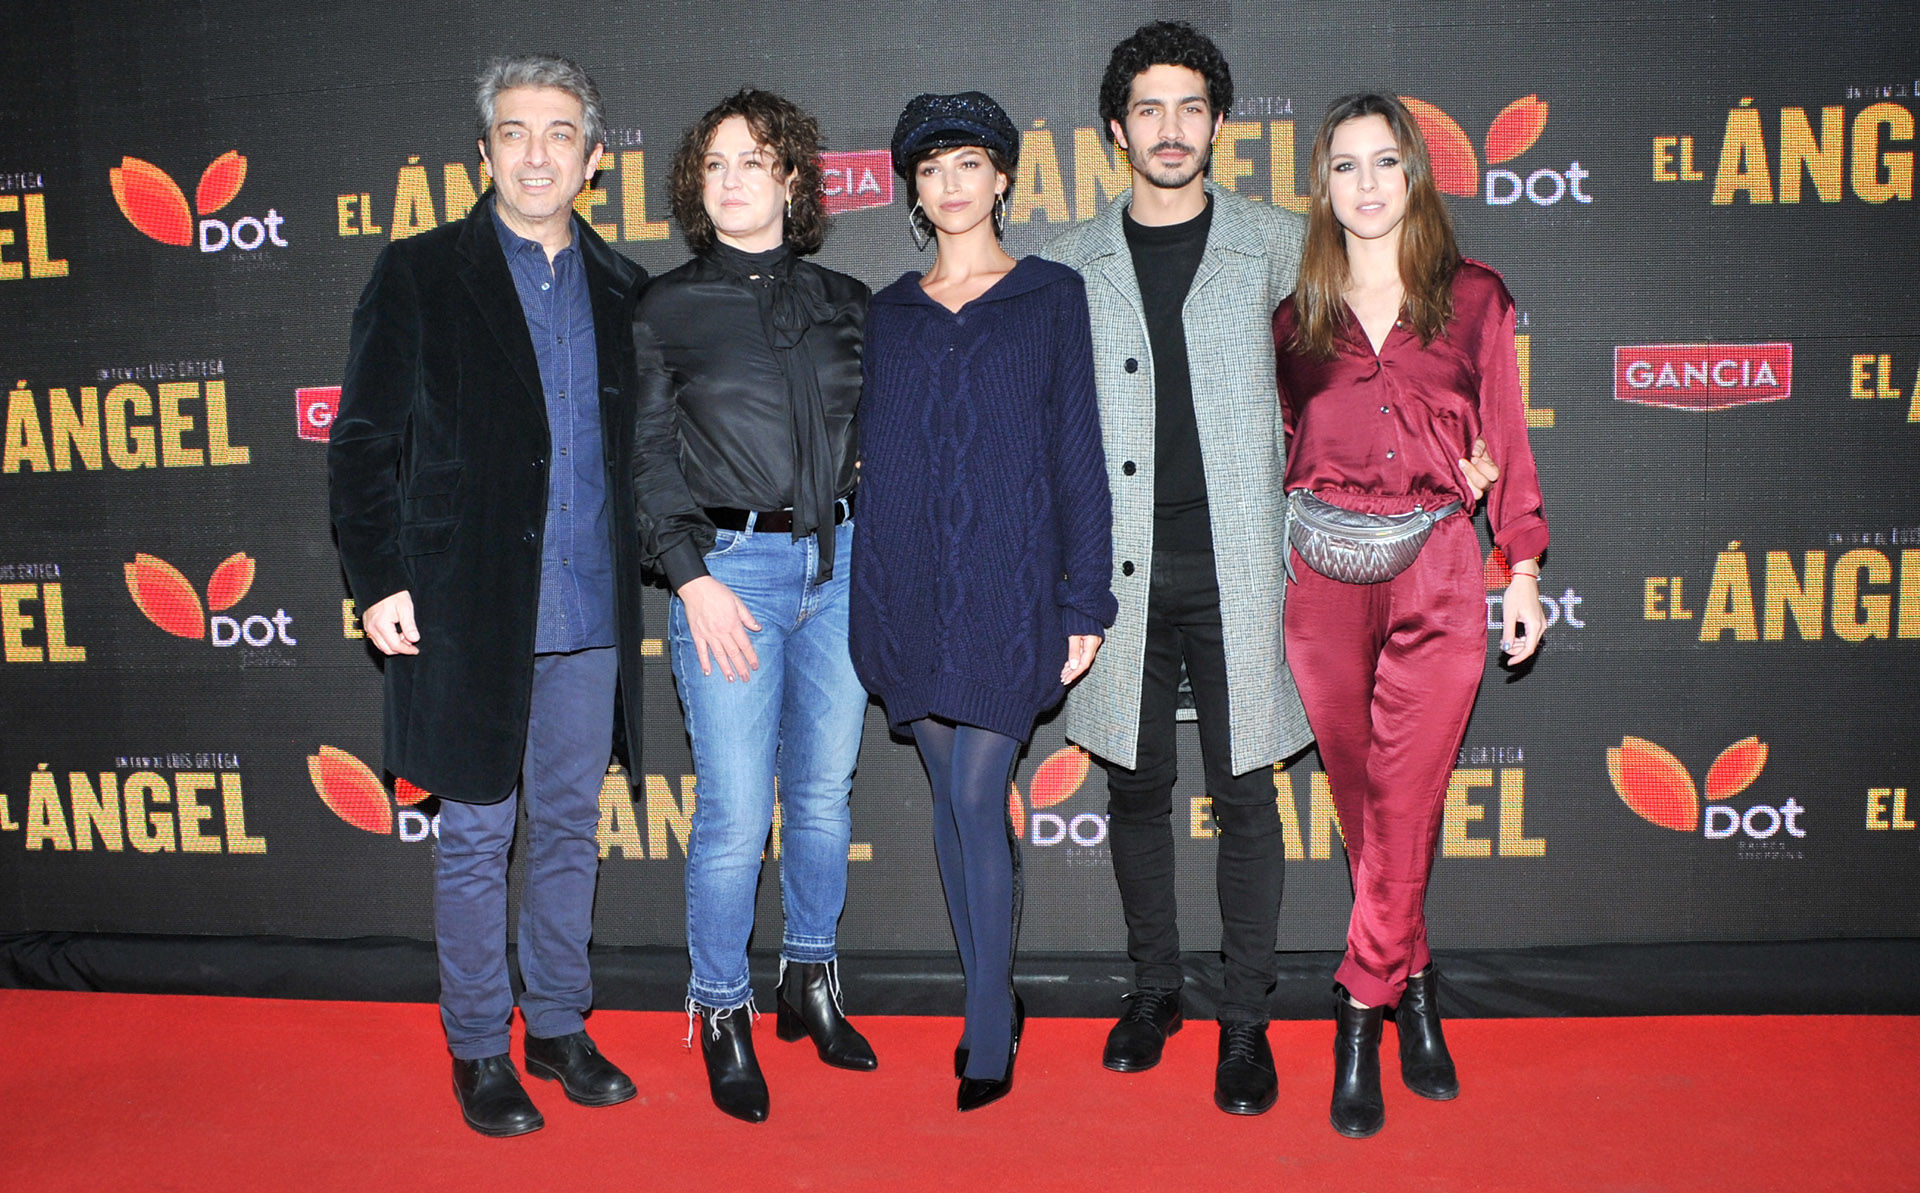 Ricardo Darín, Florencia Blas, Úrsula Corberó, El Chino y Clara Darín